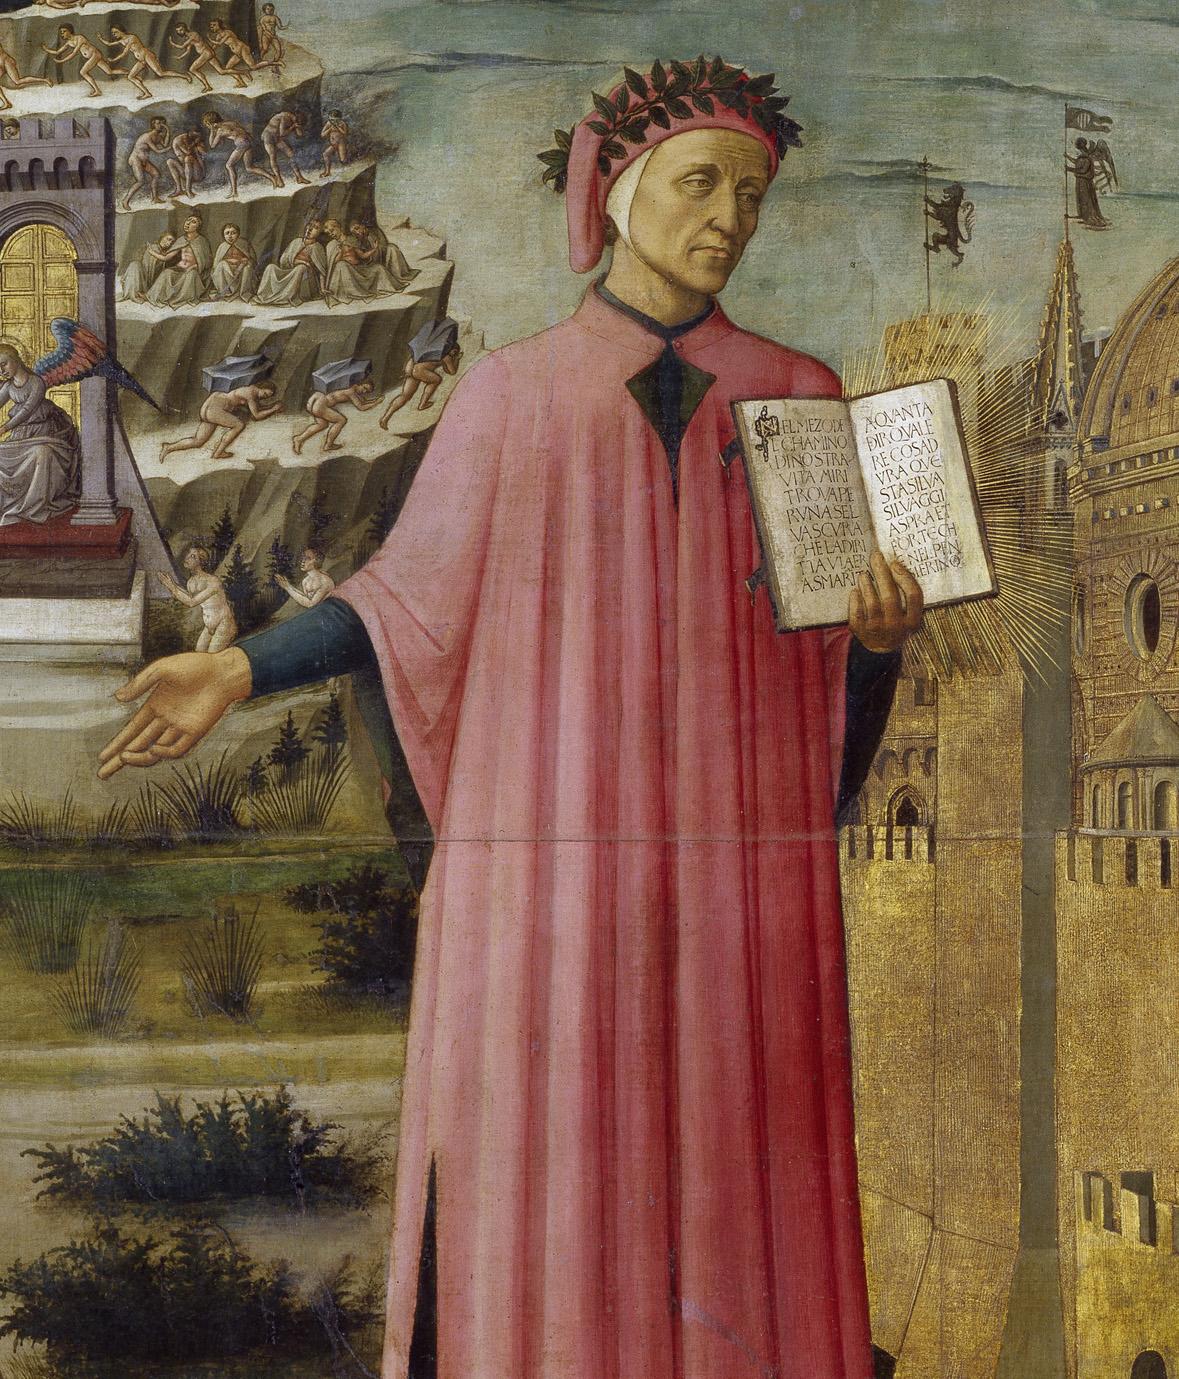 Domenico di Michelino. Dante tenant le livre de la Divine Comédie. 1465. Peinture. Florence. Duomo.